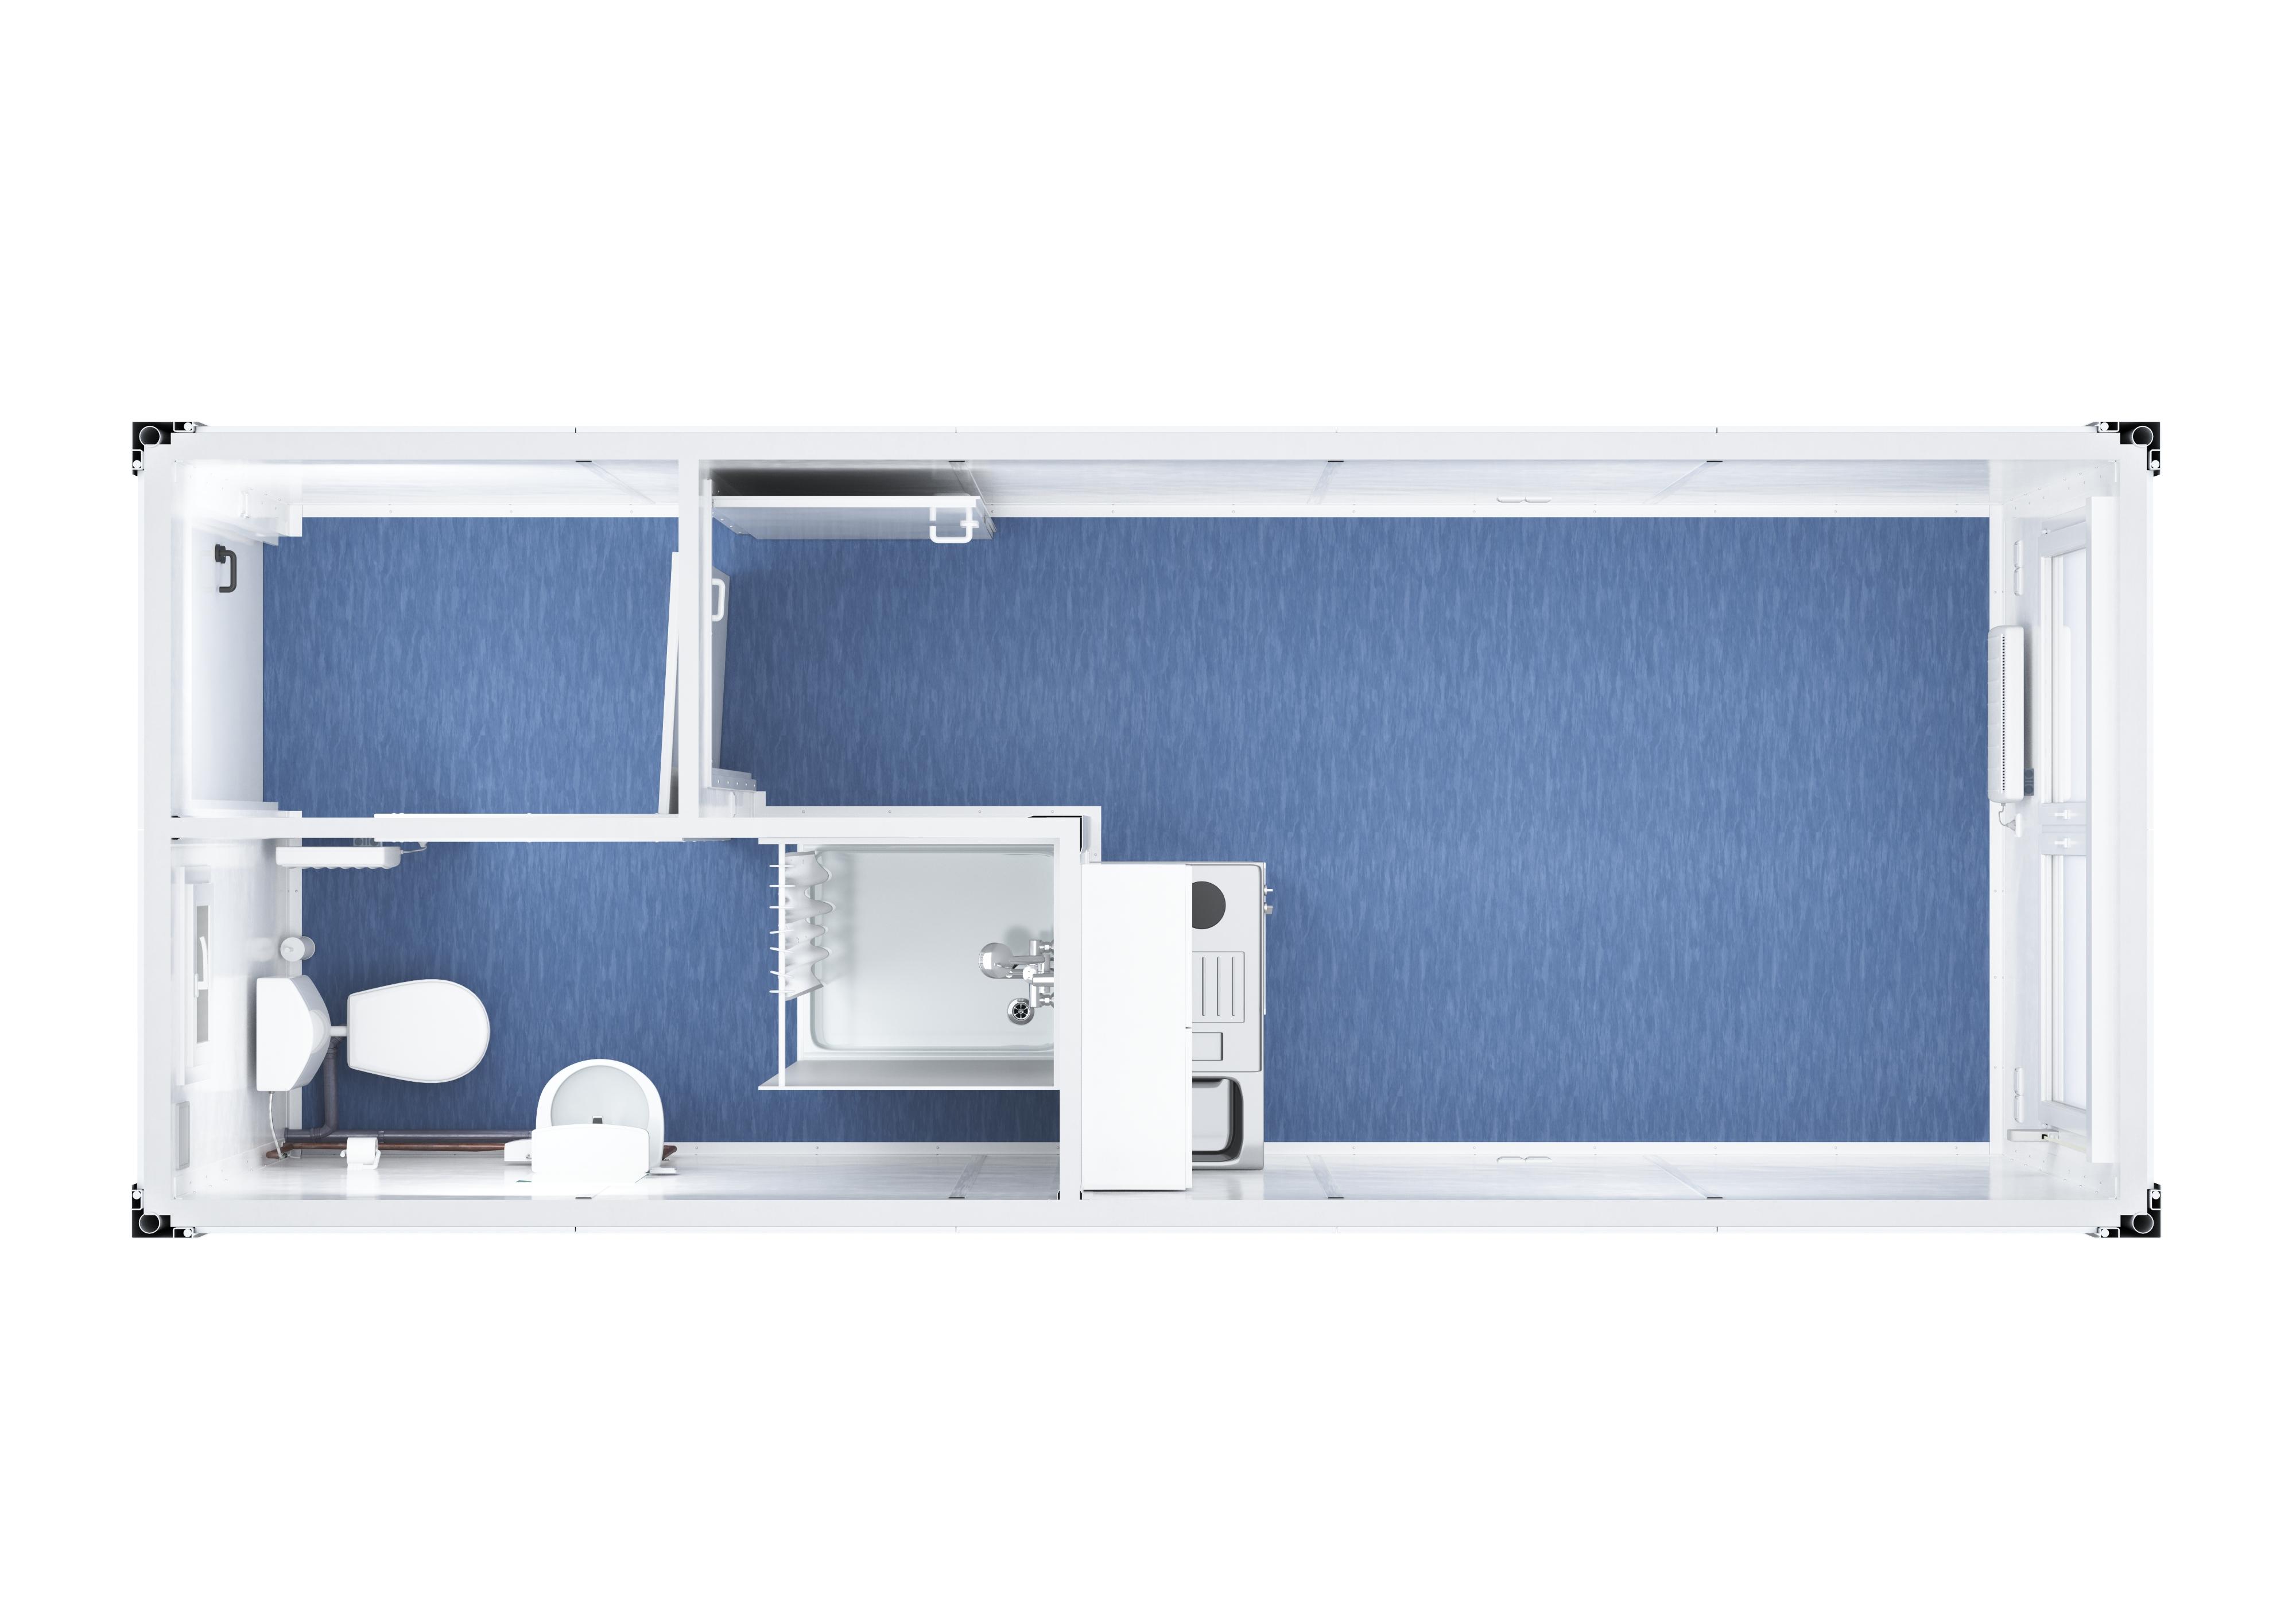 Raumcontainer mit WC, Dusche und Küche – Alles drin  TOI TOI & DIXI